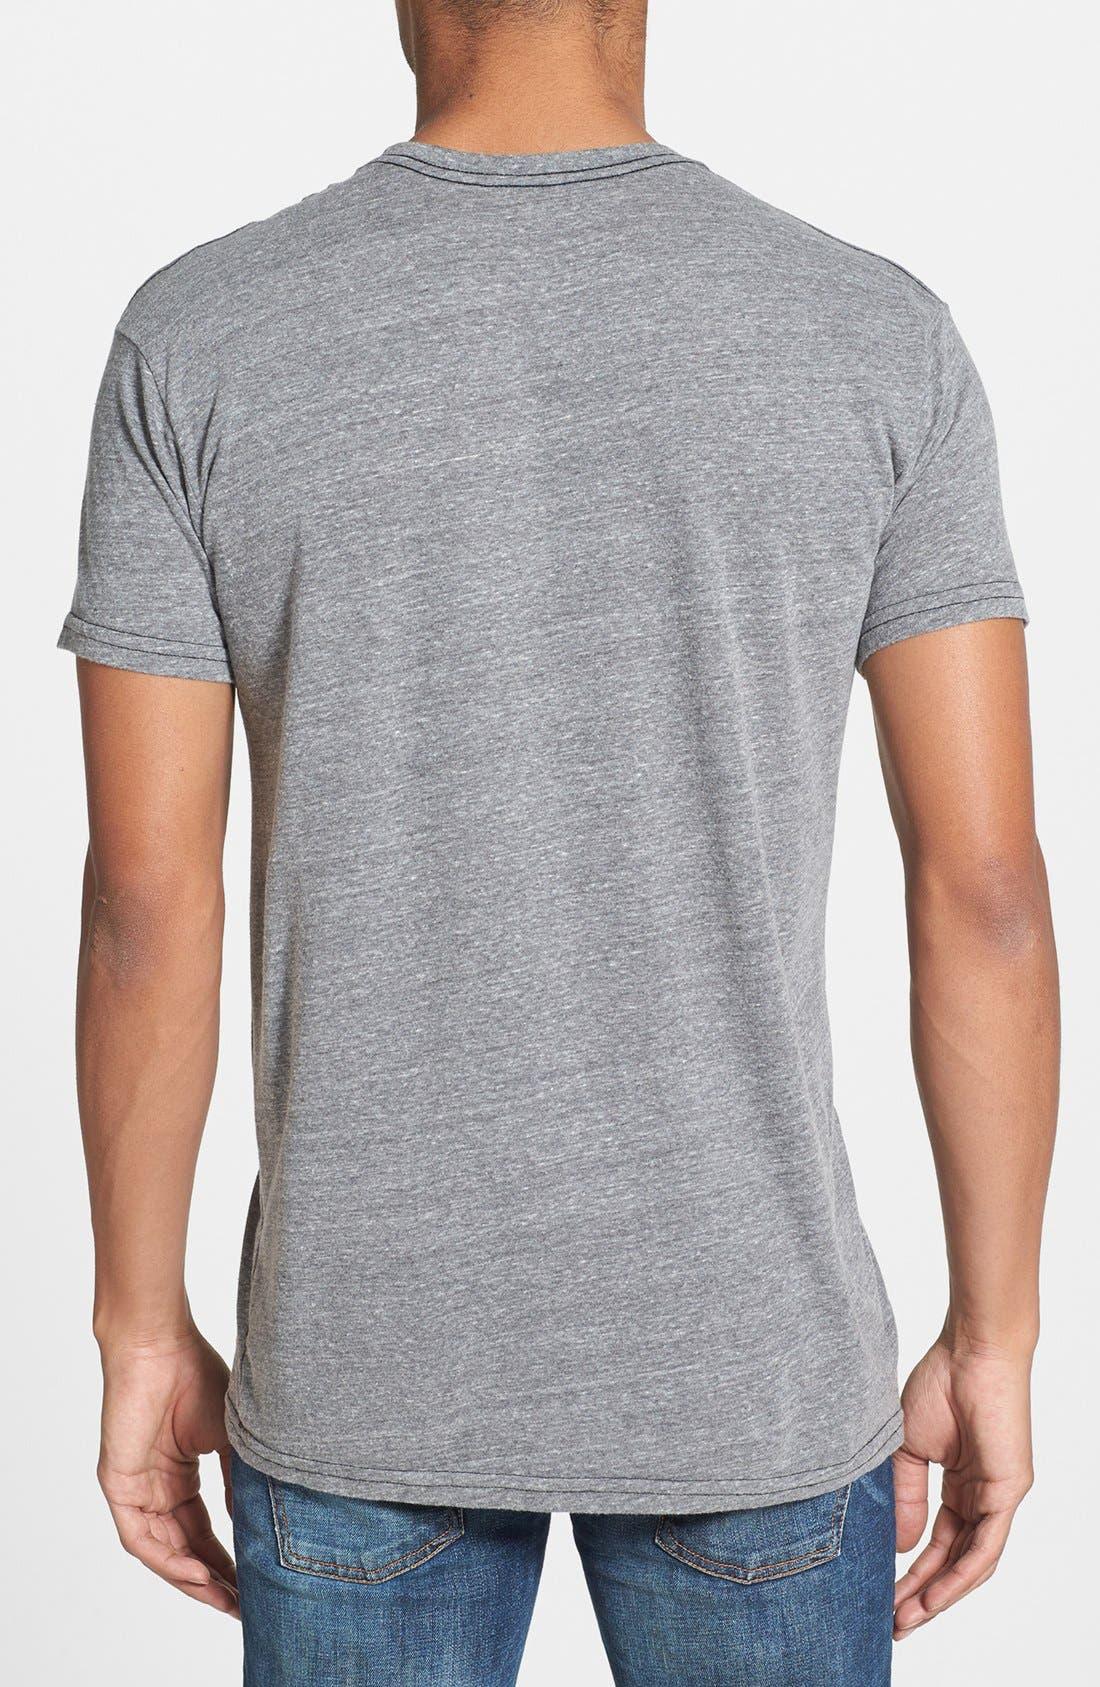 Alternate Image 2  - Retro Brand 'The U - University of Utah' Graphic T-Shirt